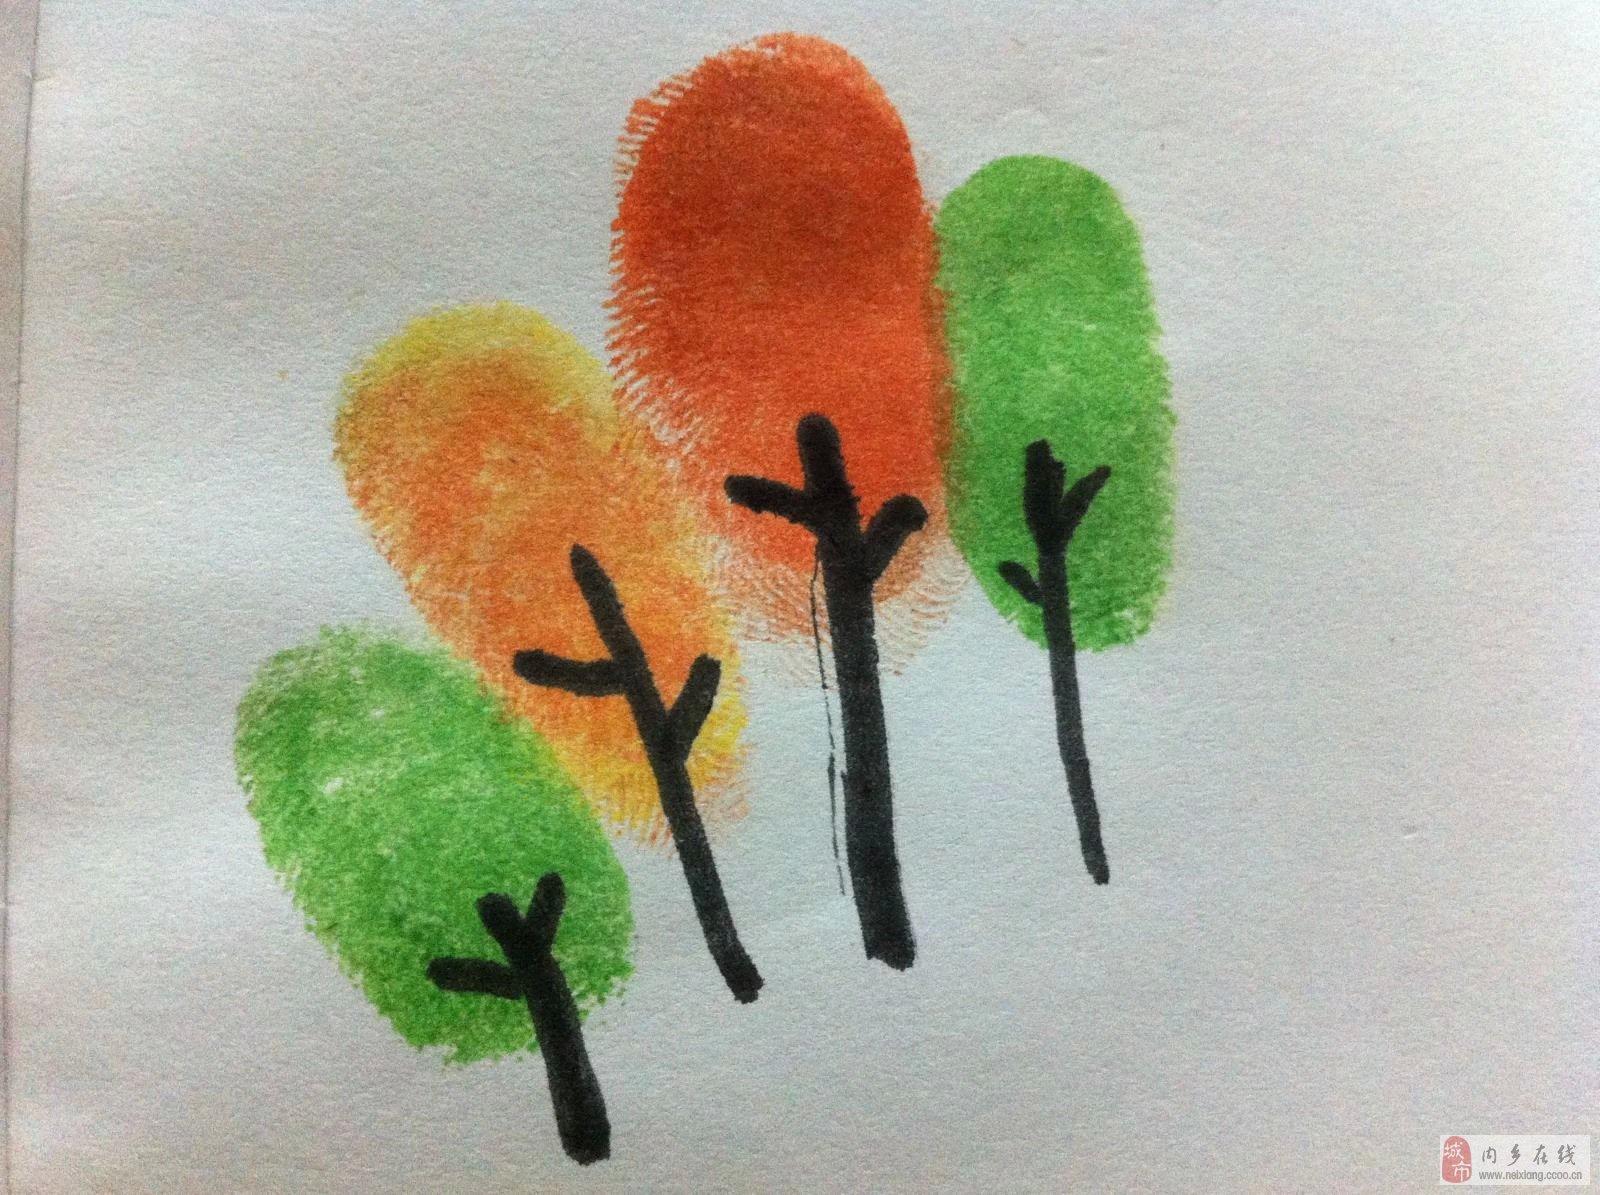 有趣儿童指纹画,简单易教图片